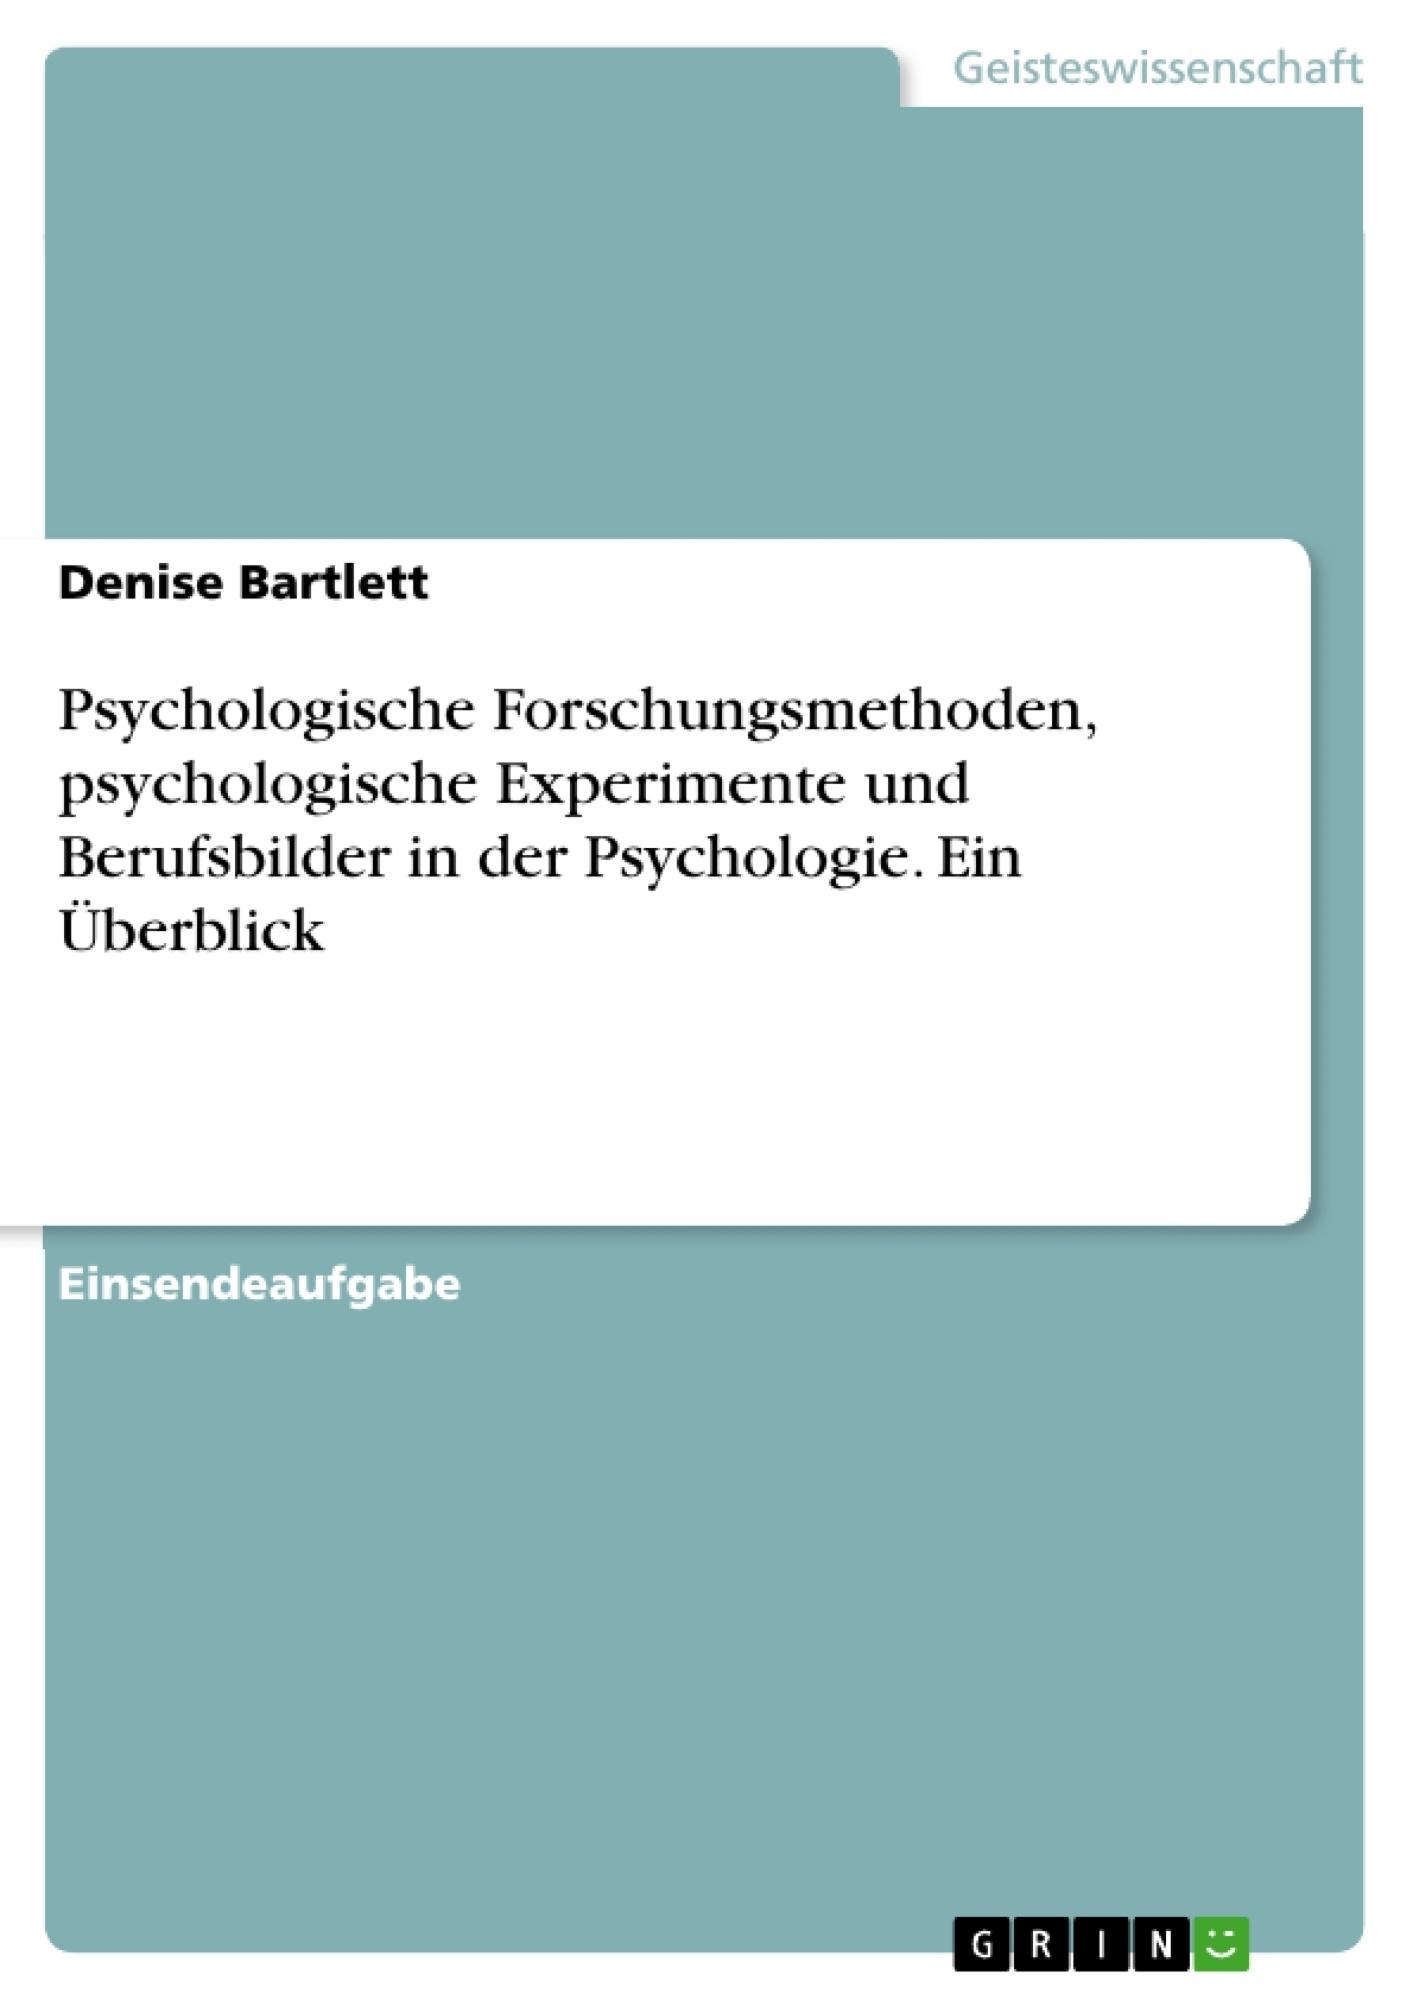 Titel: Psychologische Forschungsmethoden, psychologische Experimente und Berufsbilder in der Psychologie. Ein Überblick